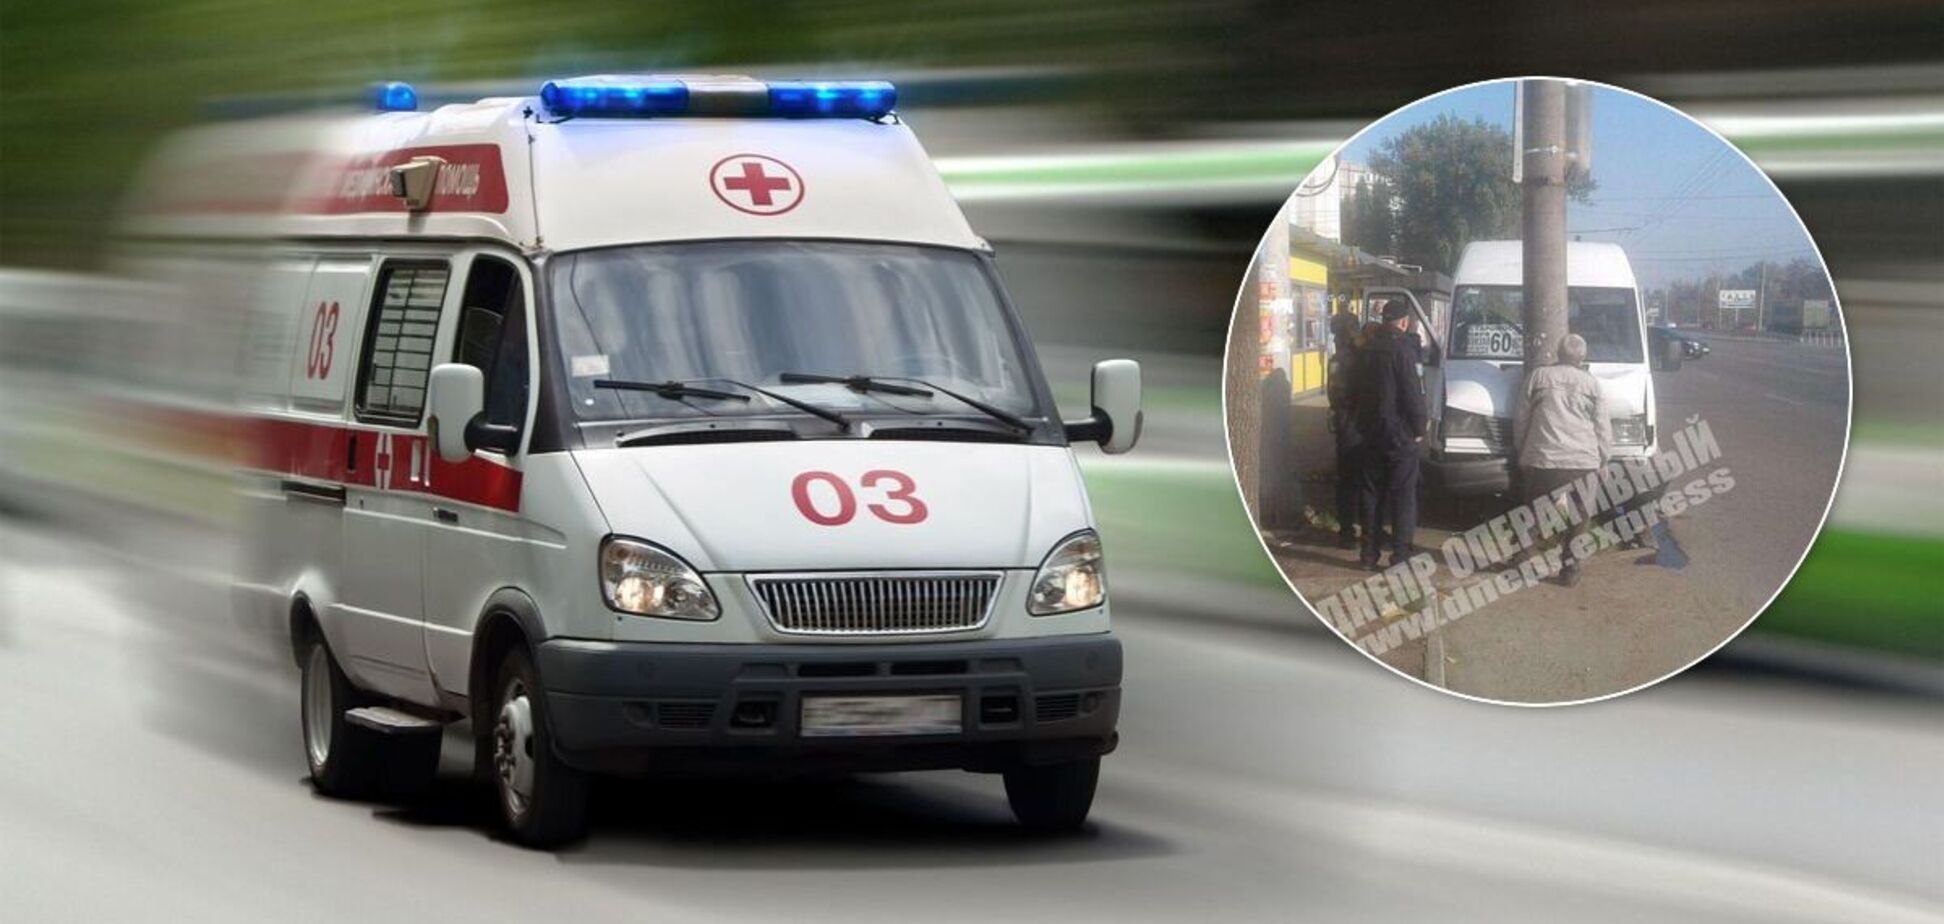 У Дніпрі маршрутка з пасажирами влетіла в стовп, є постраждалі. Фото